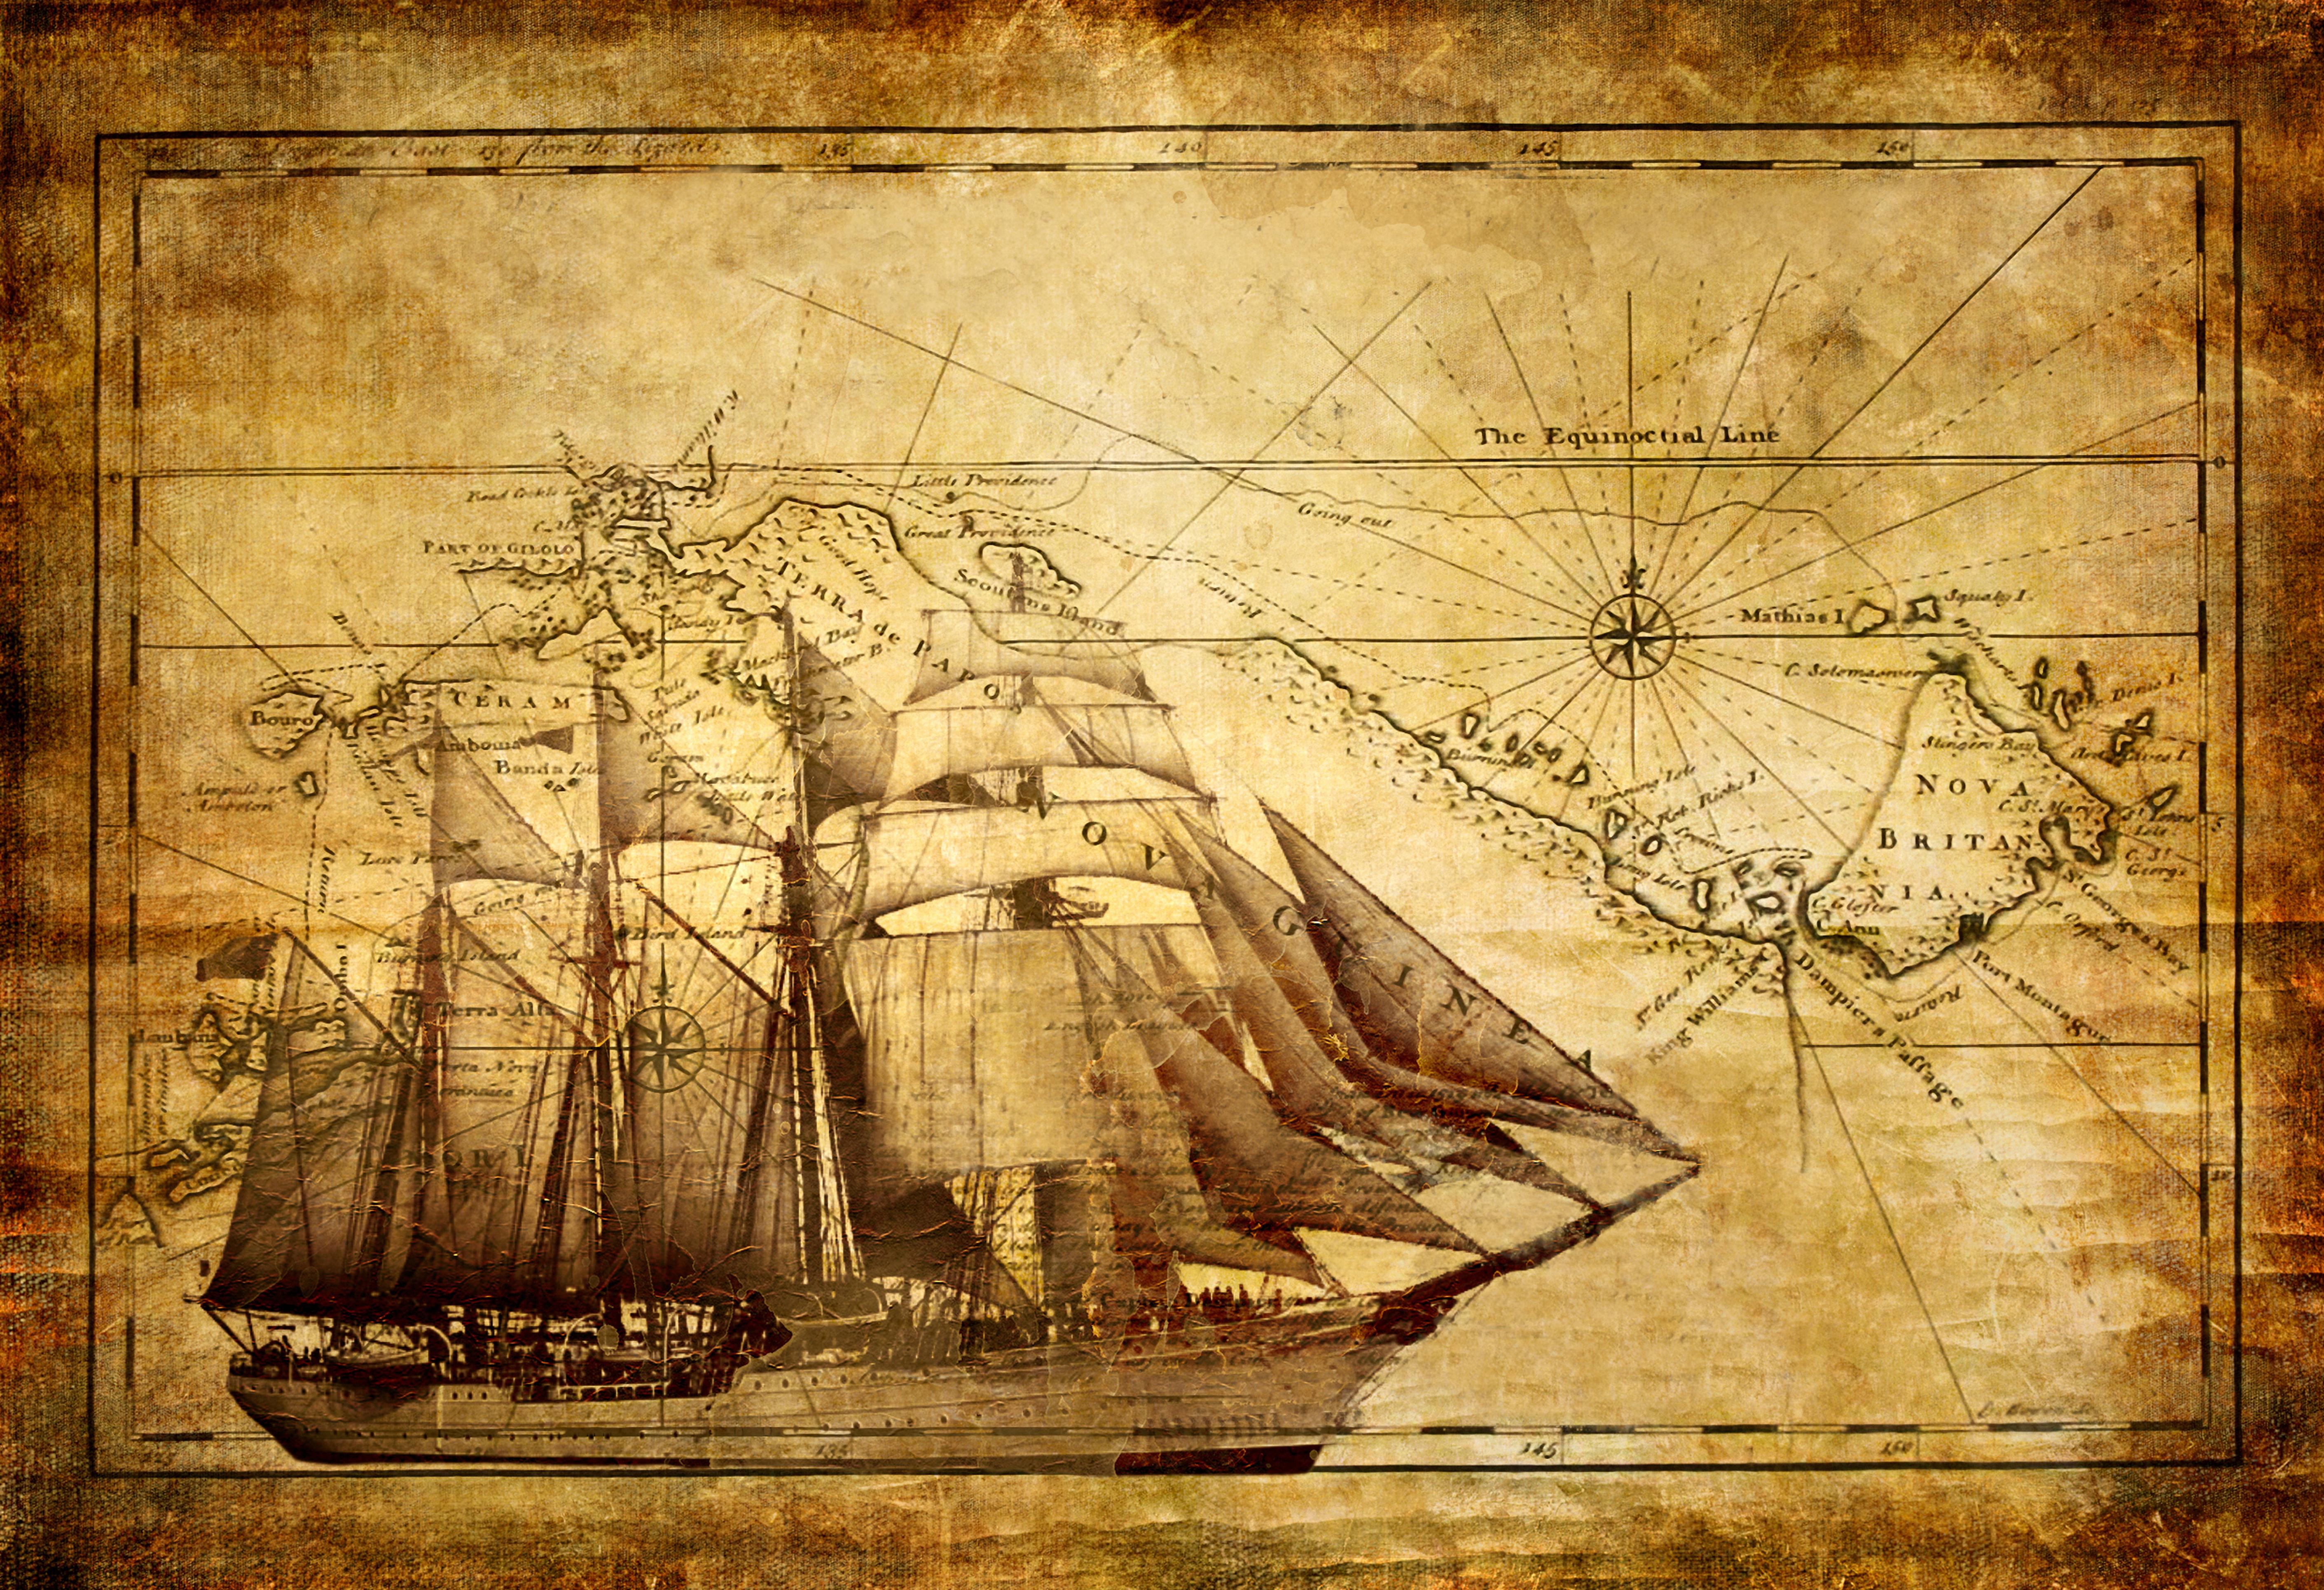 старинные корабли открытки джентльменов бабушек